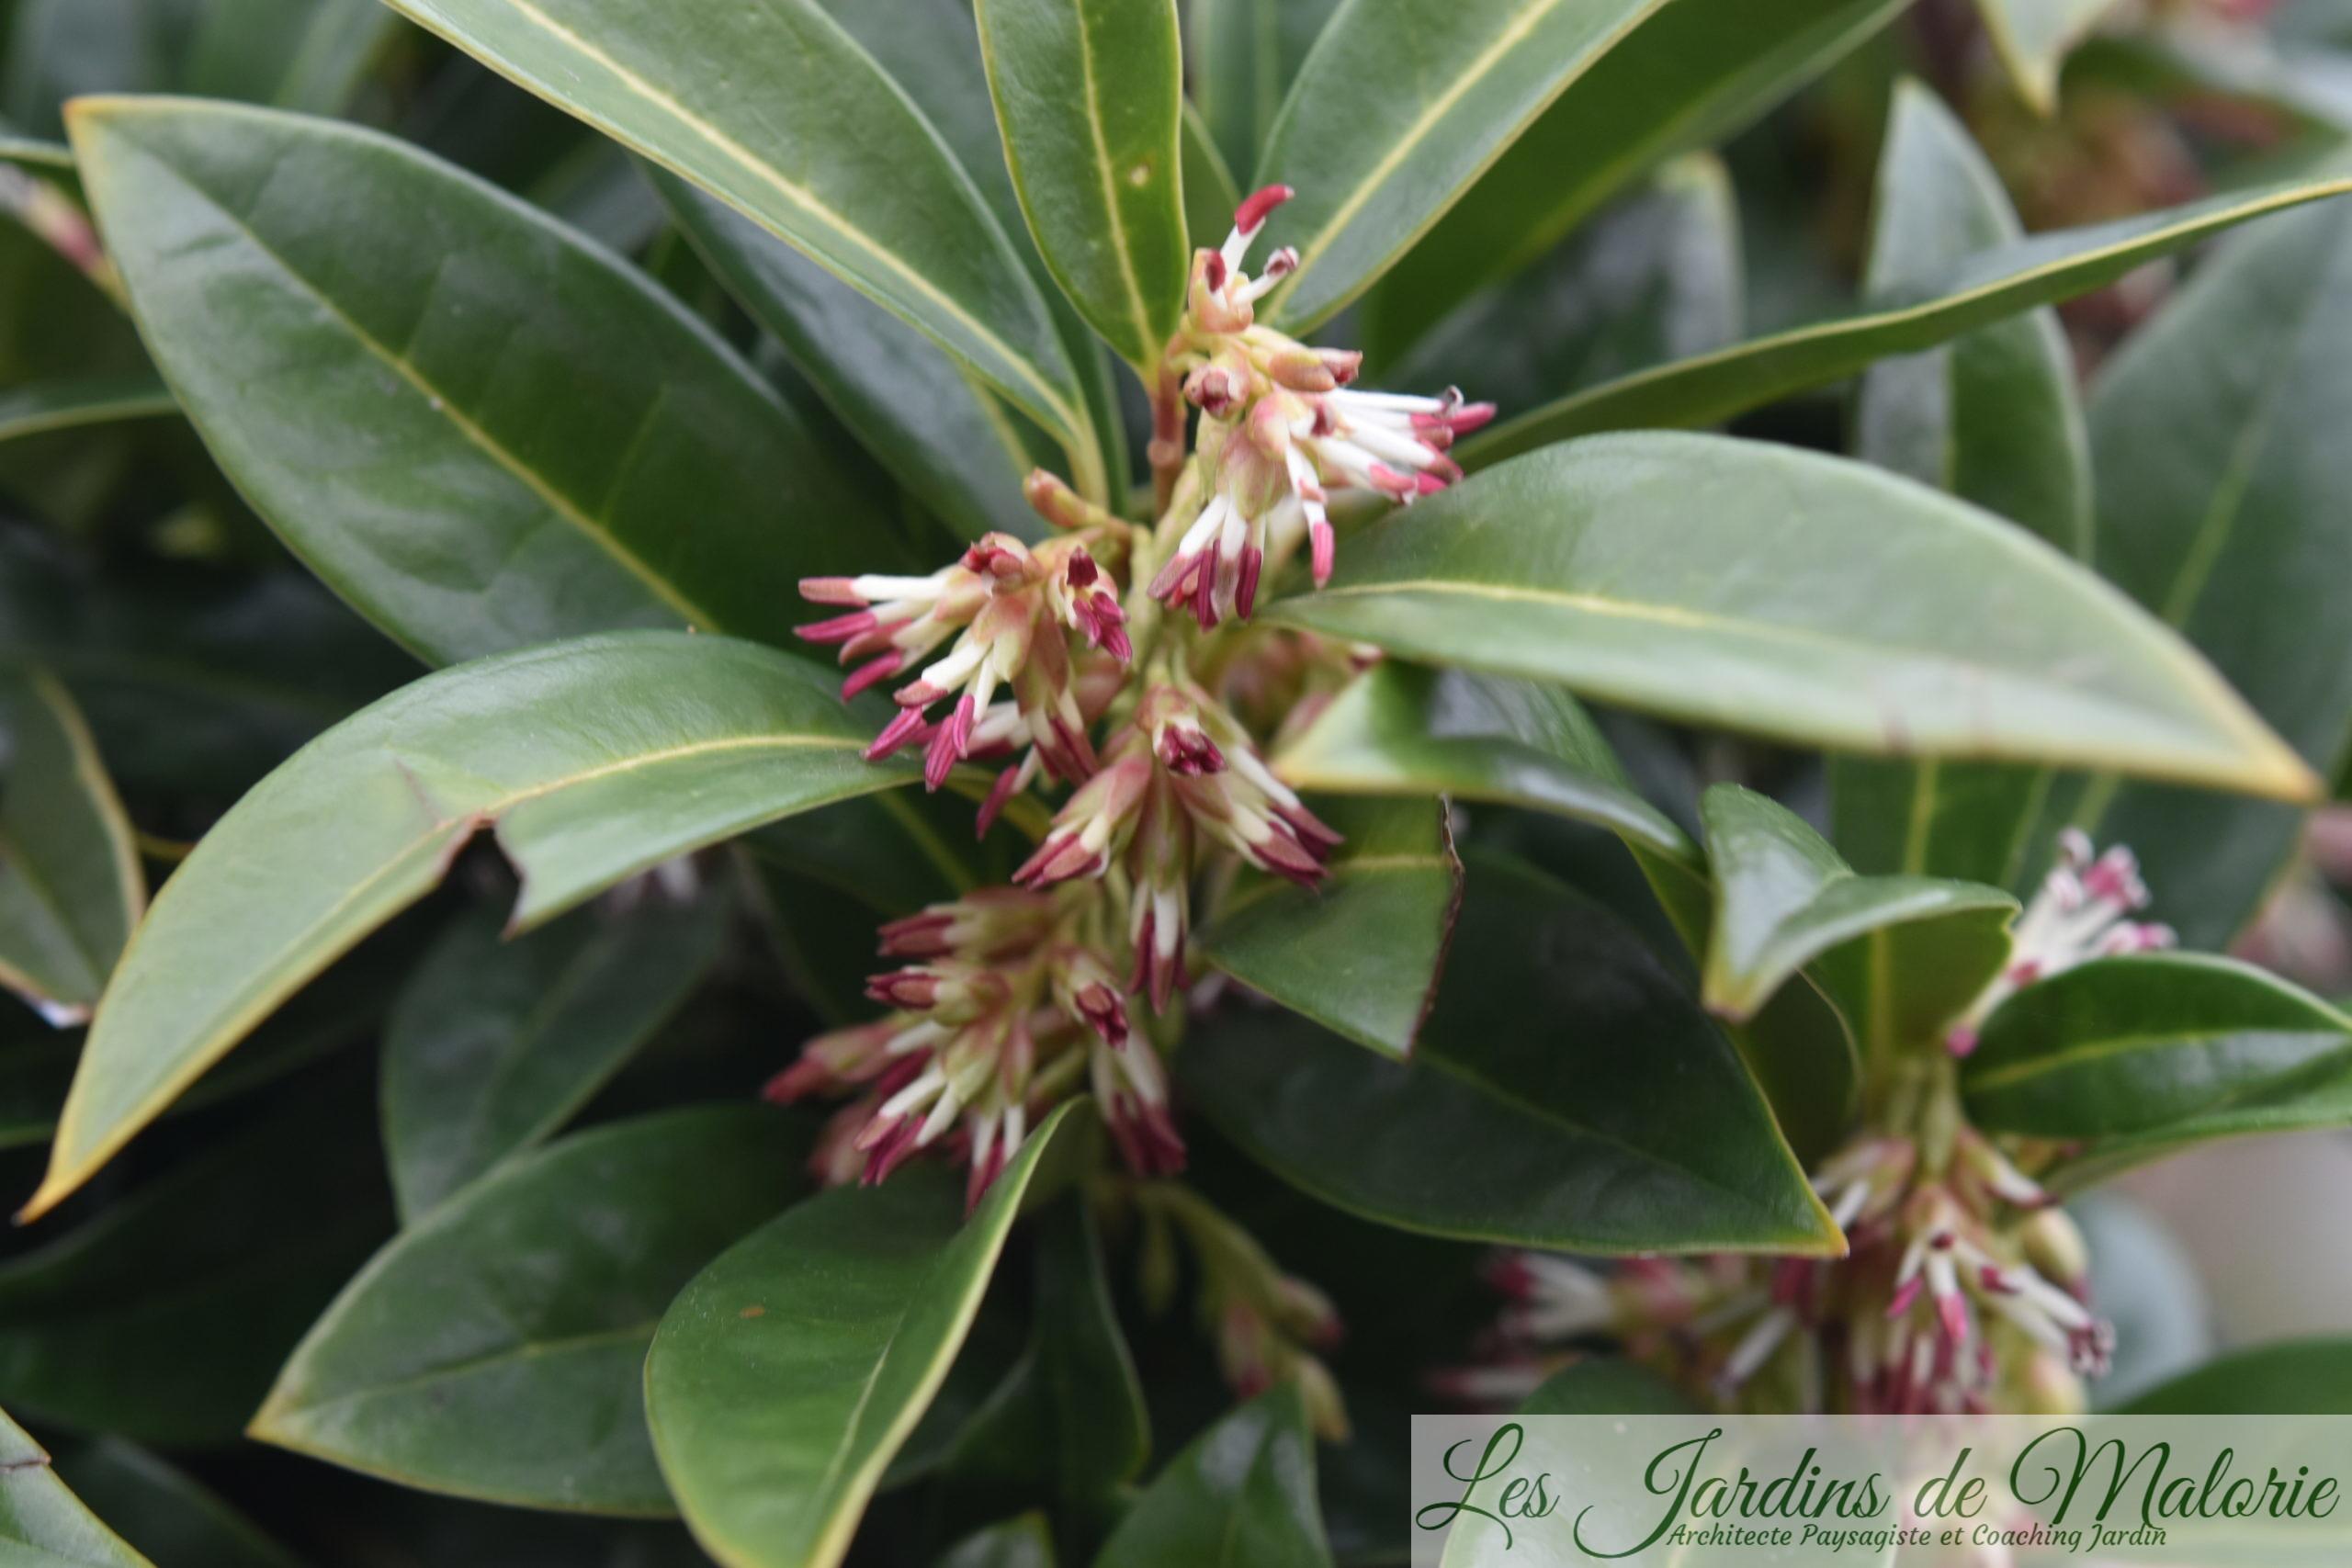 Arbuste Pour Terrain Calcaire sarcococca hoockeriana 'humilis' - les jardins de malorie